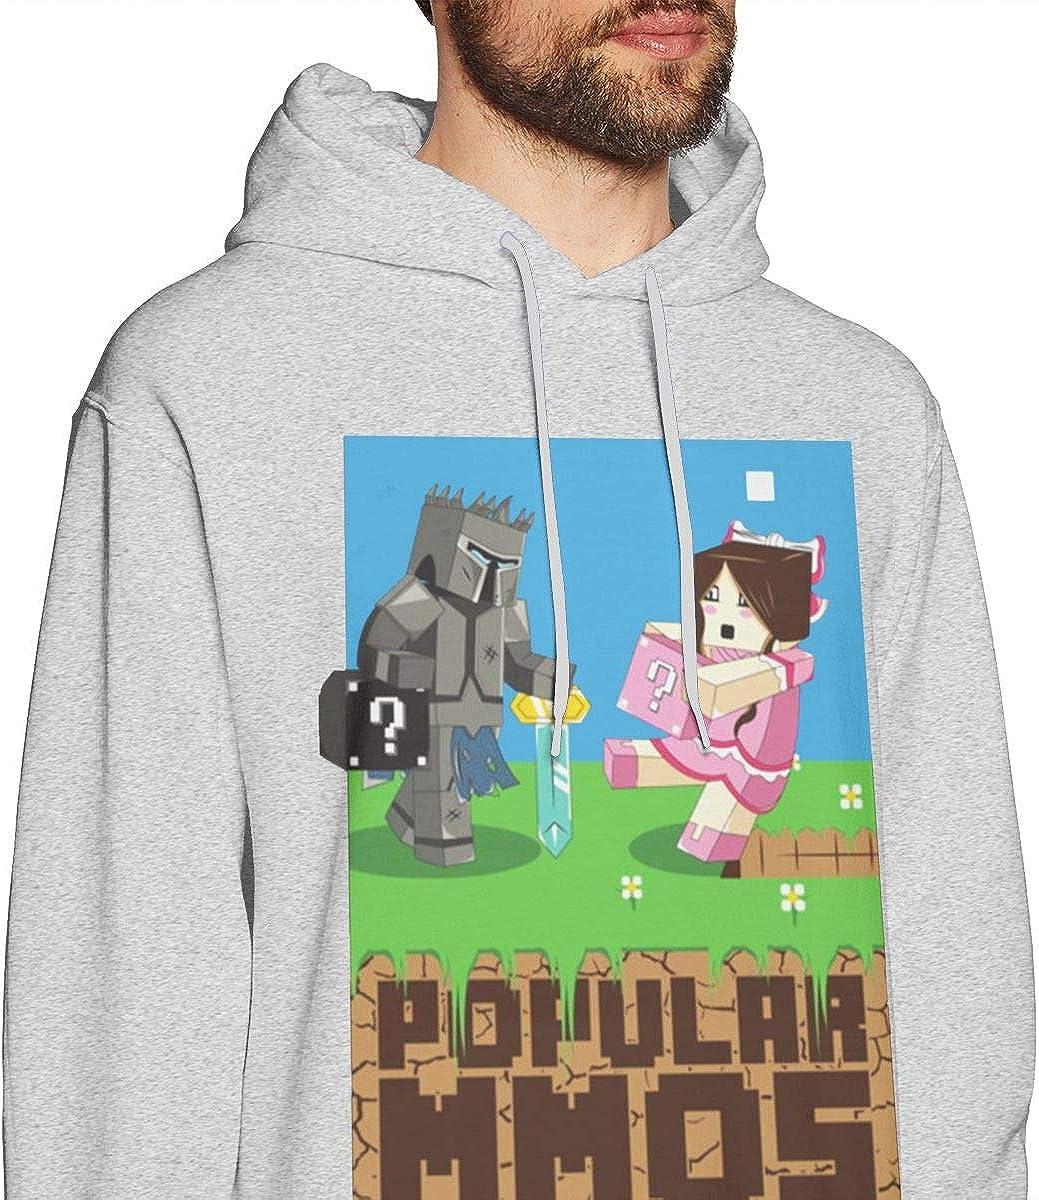 J4b756J Mens Hoodie Sweatshirt Popular-MMOs Sweater Black